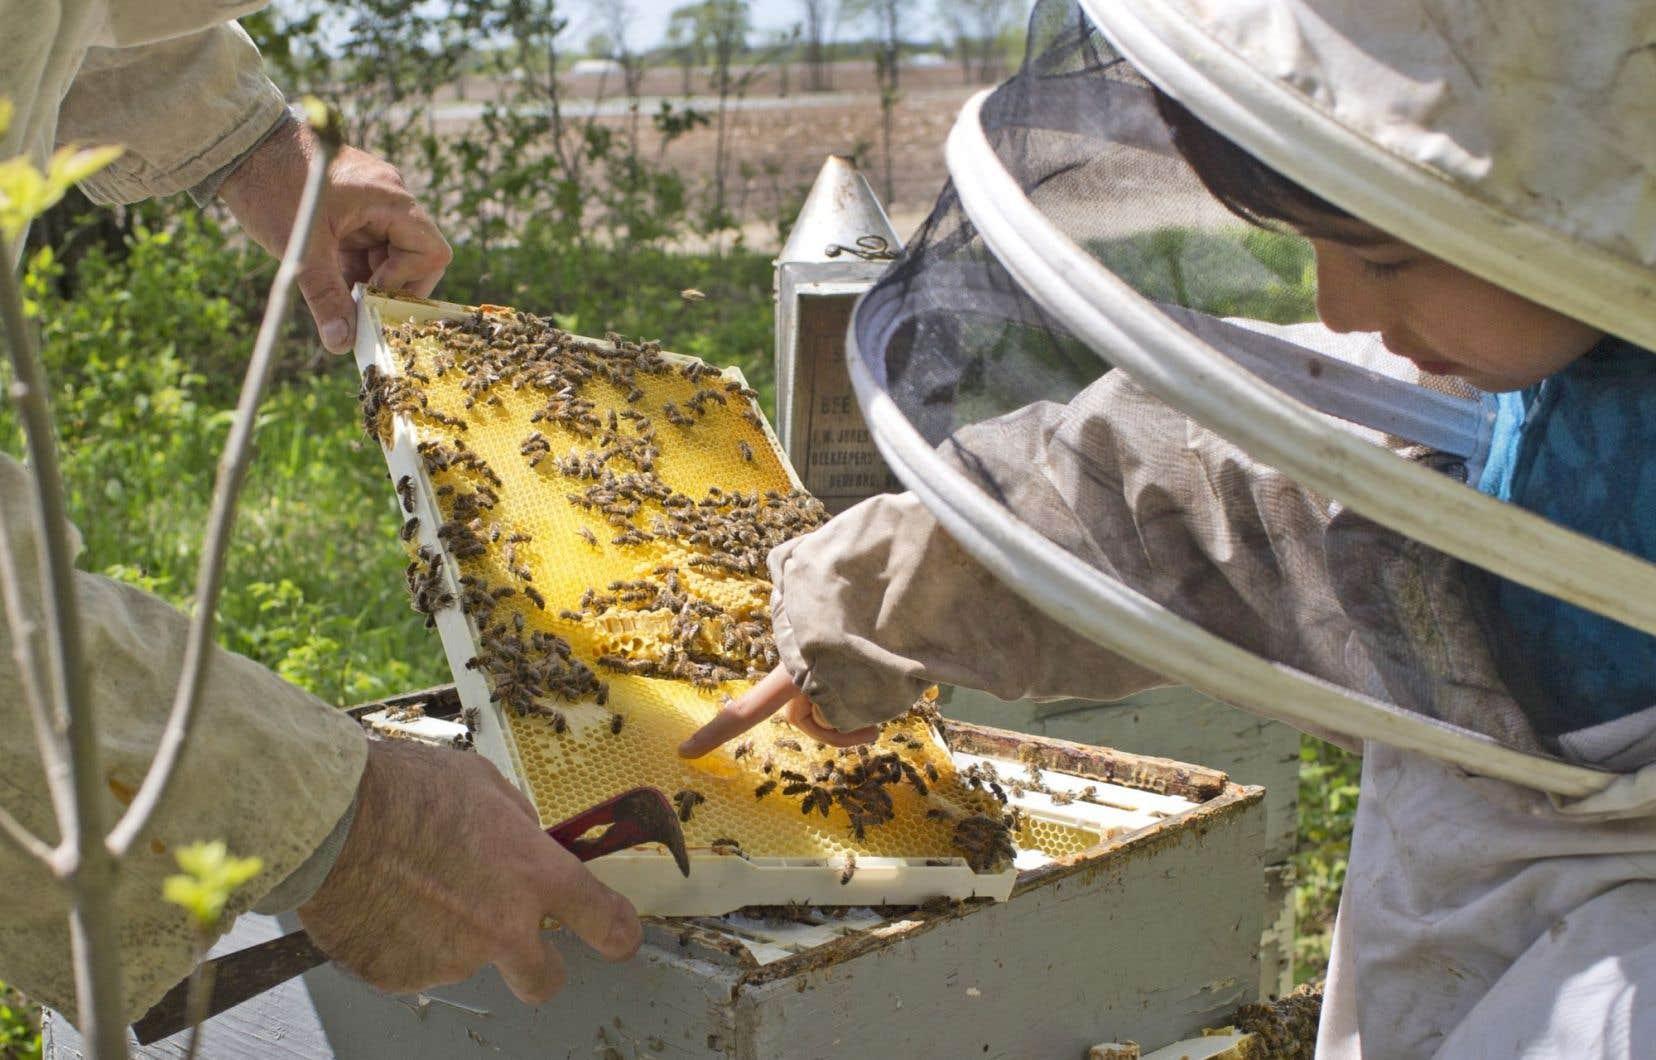 Globalement, les abeilles sont responsables, par leur pollinisation, de plus d'un tiers de notre alimentation.